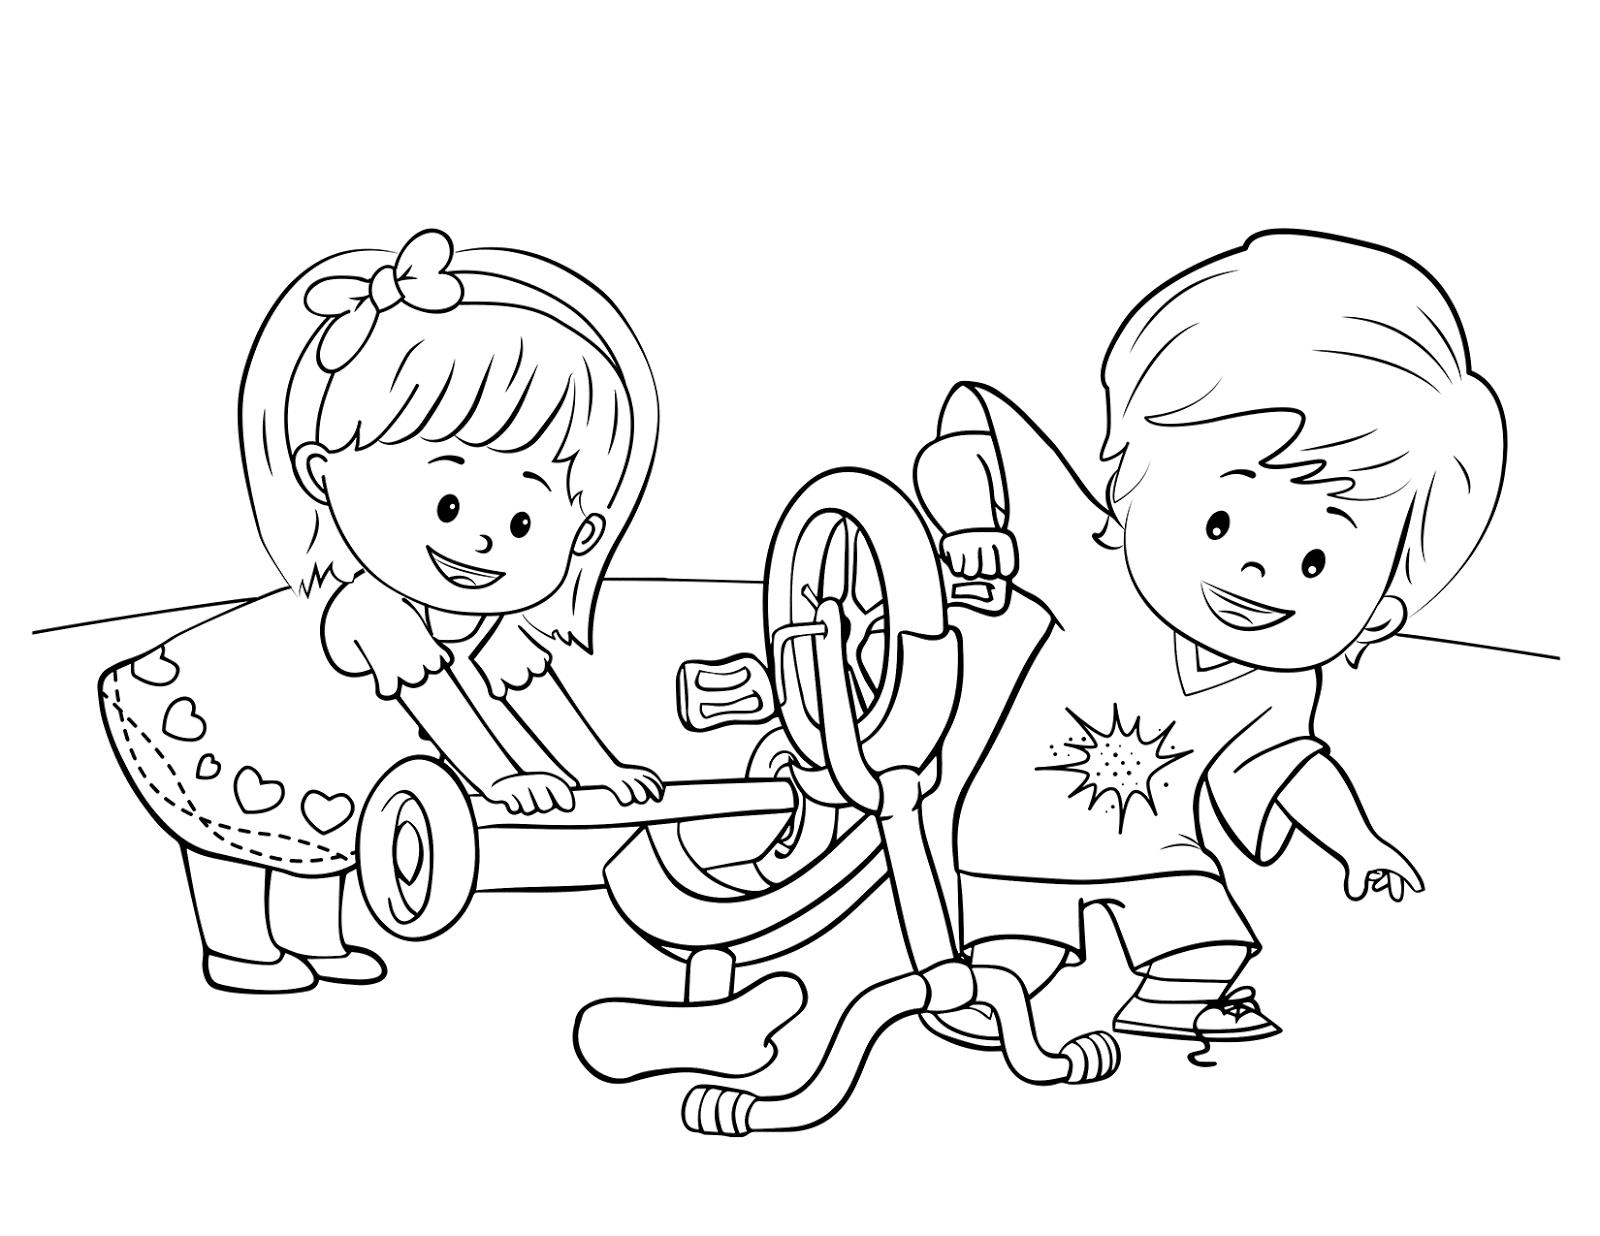 gambar mewarnai anak yang sedang bermain aneka gambar